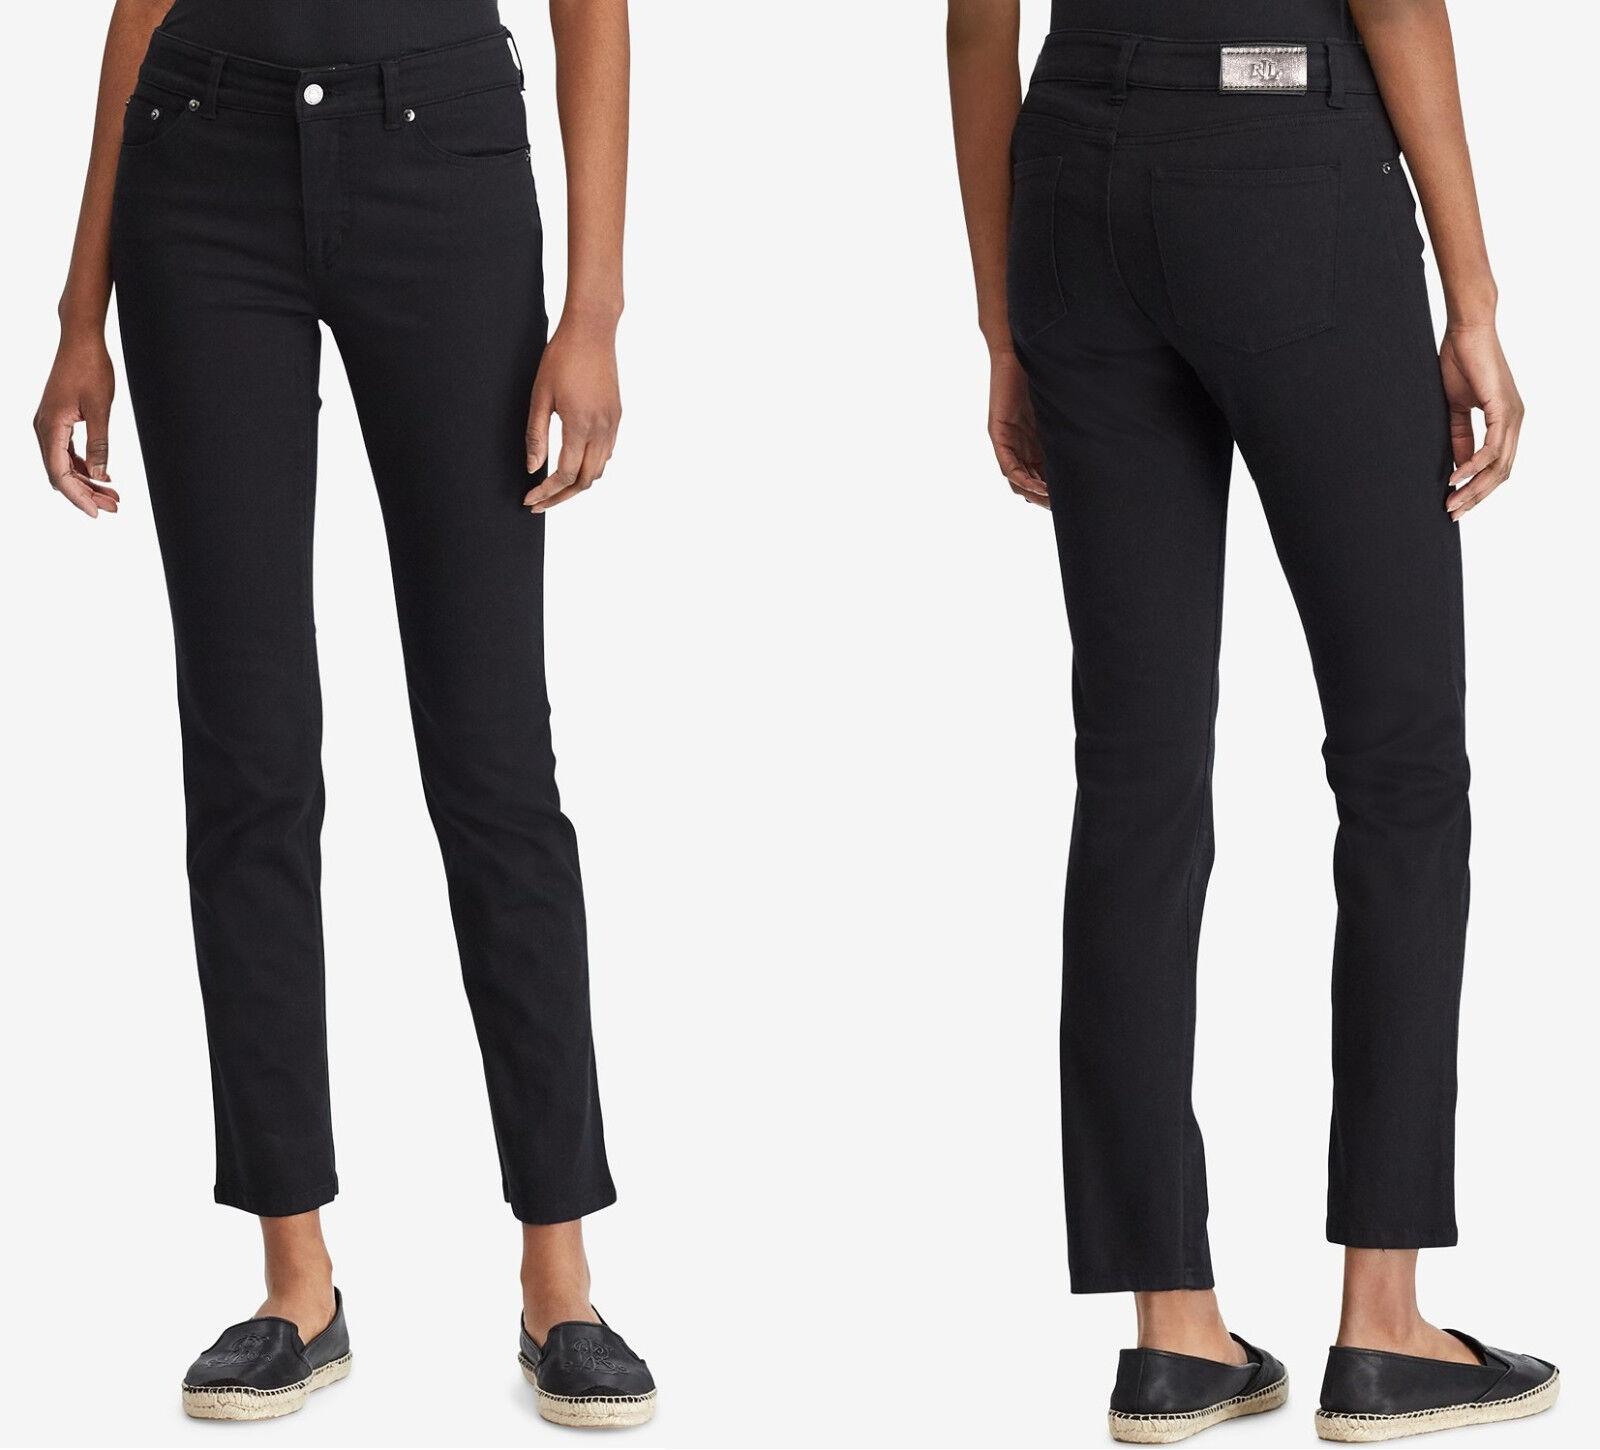 Lauren Ralph Lauren Super Stretch Premier Straight Jeans 18W x 32